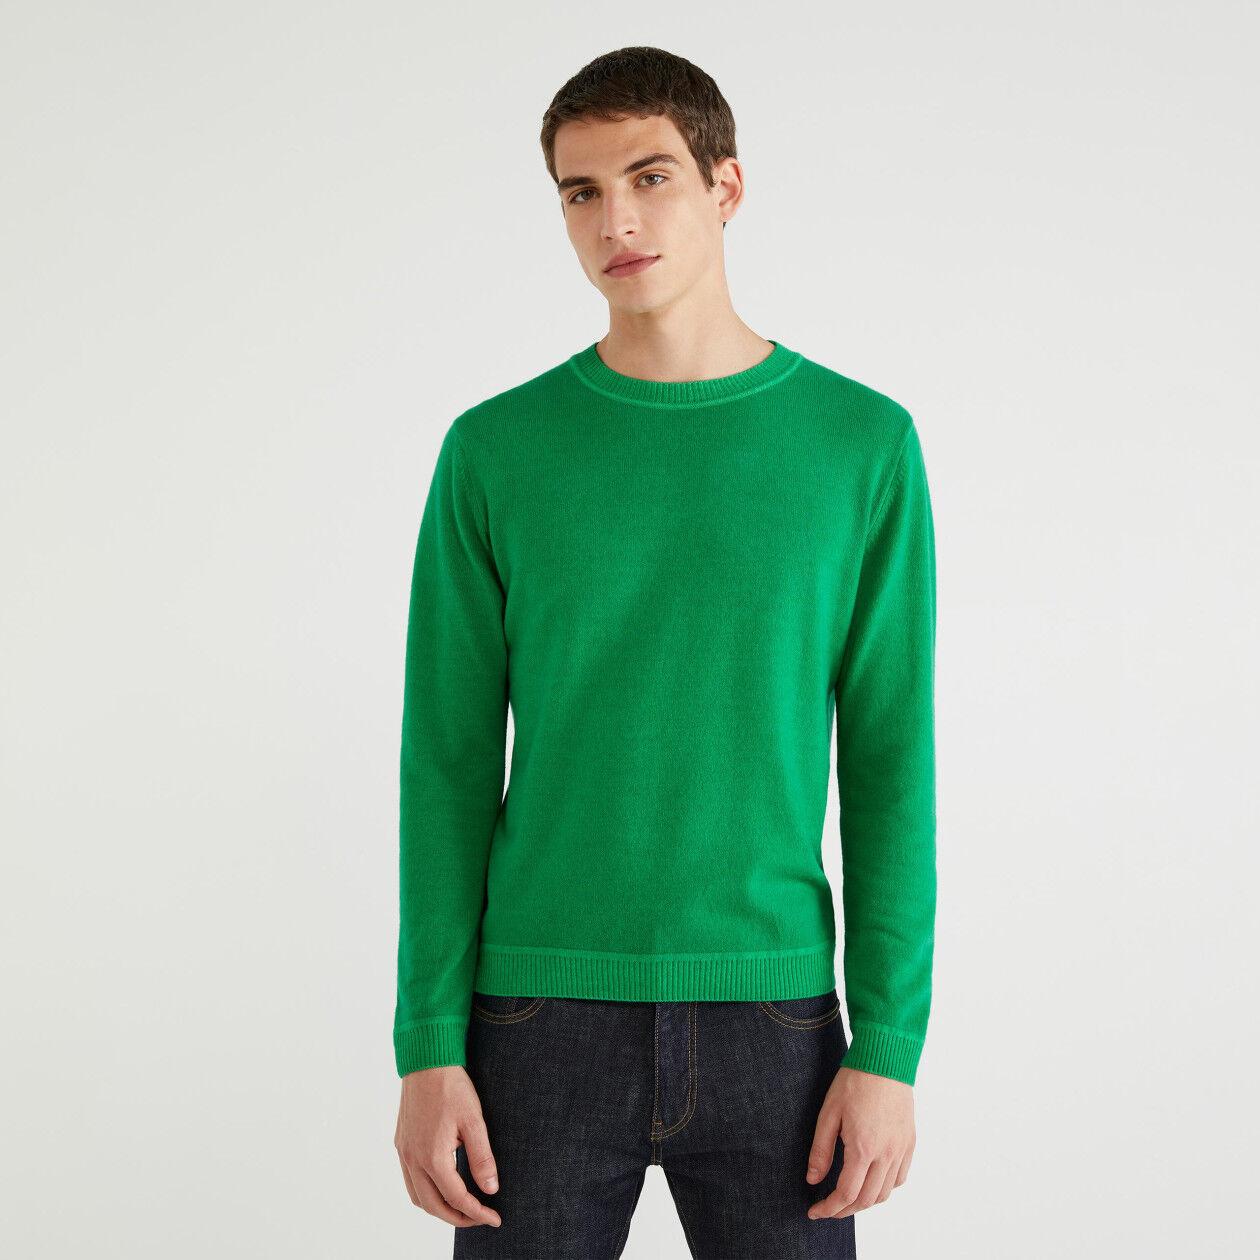 Pullover aus Wolle mit Rundausschnitt